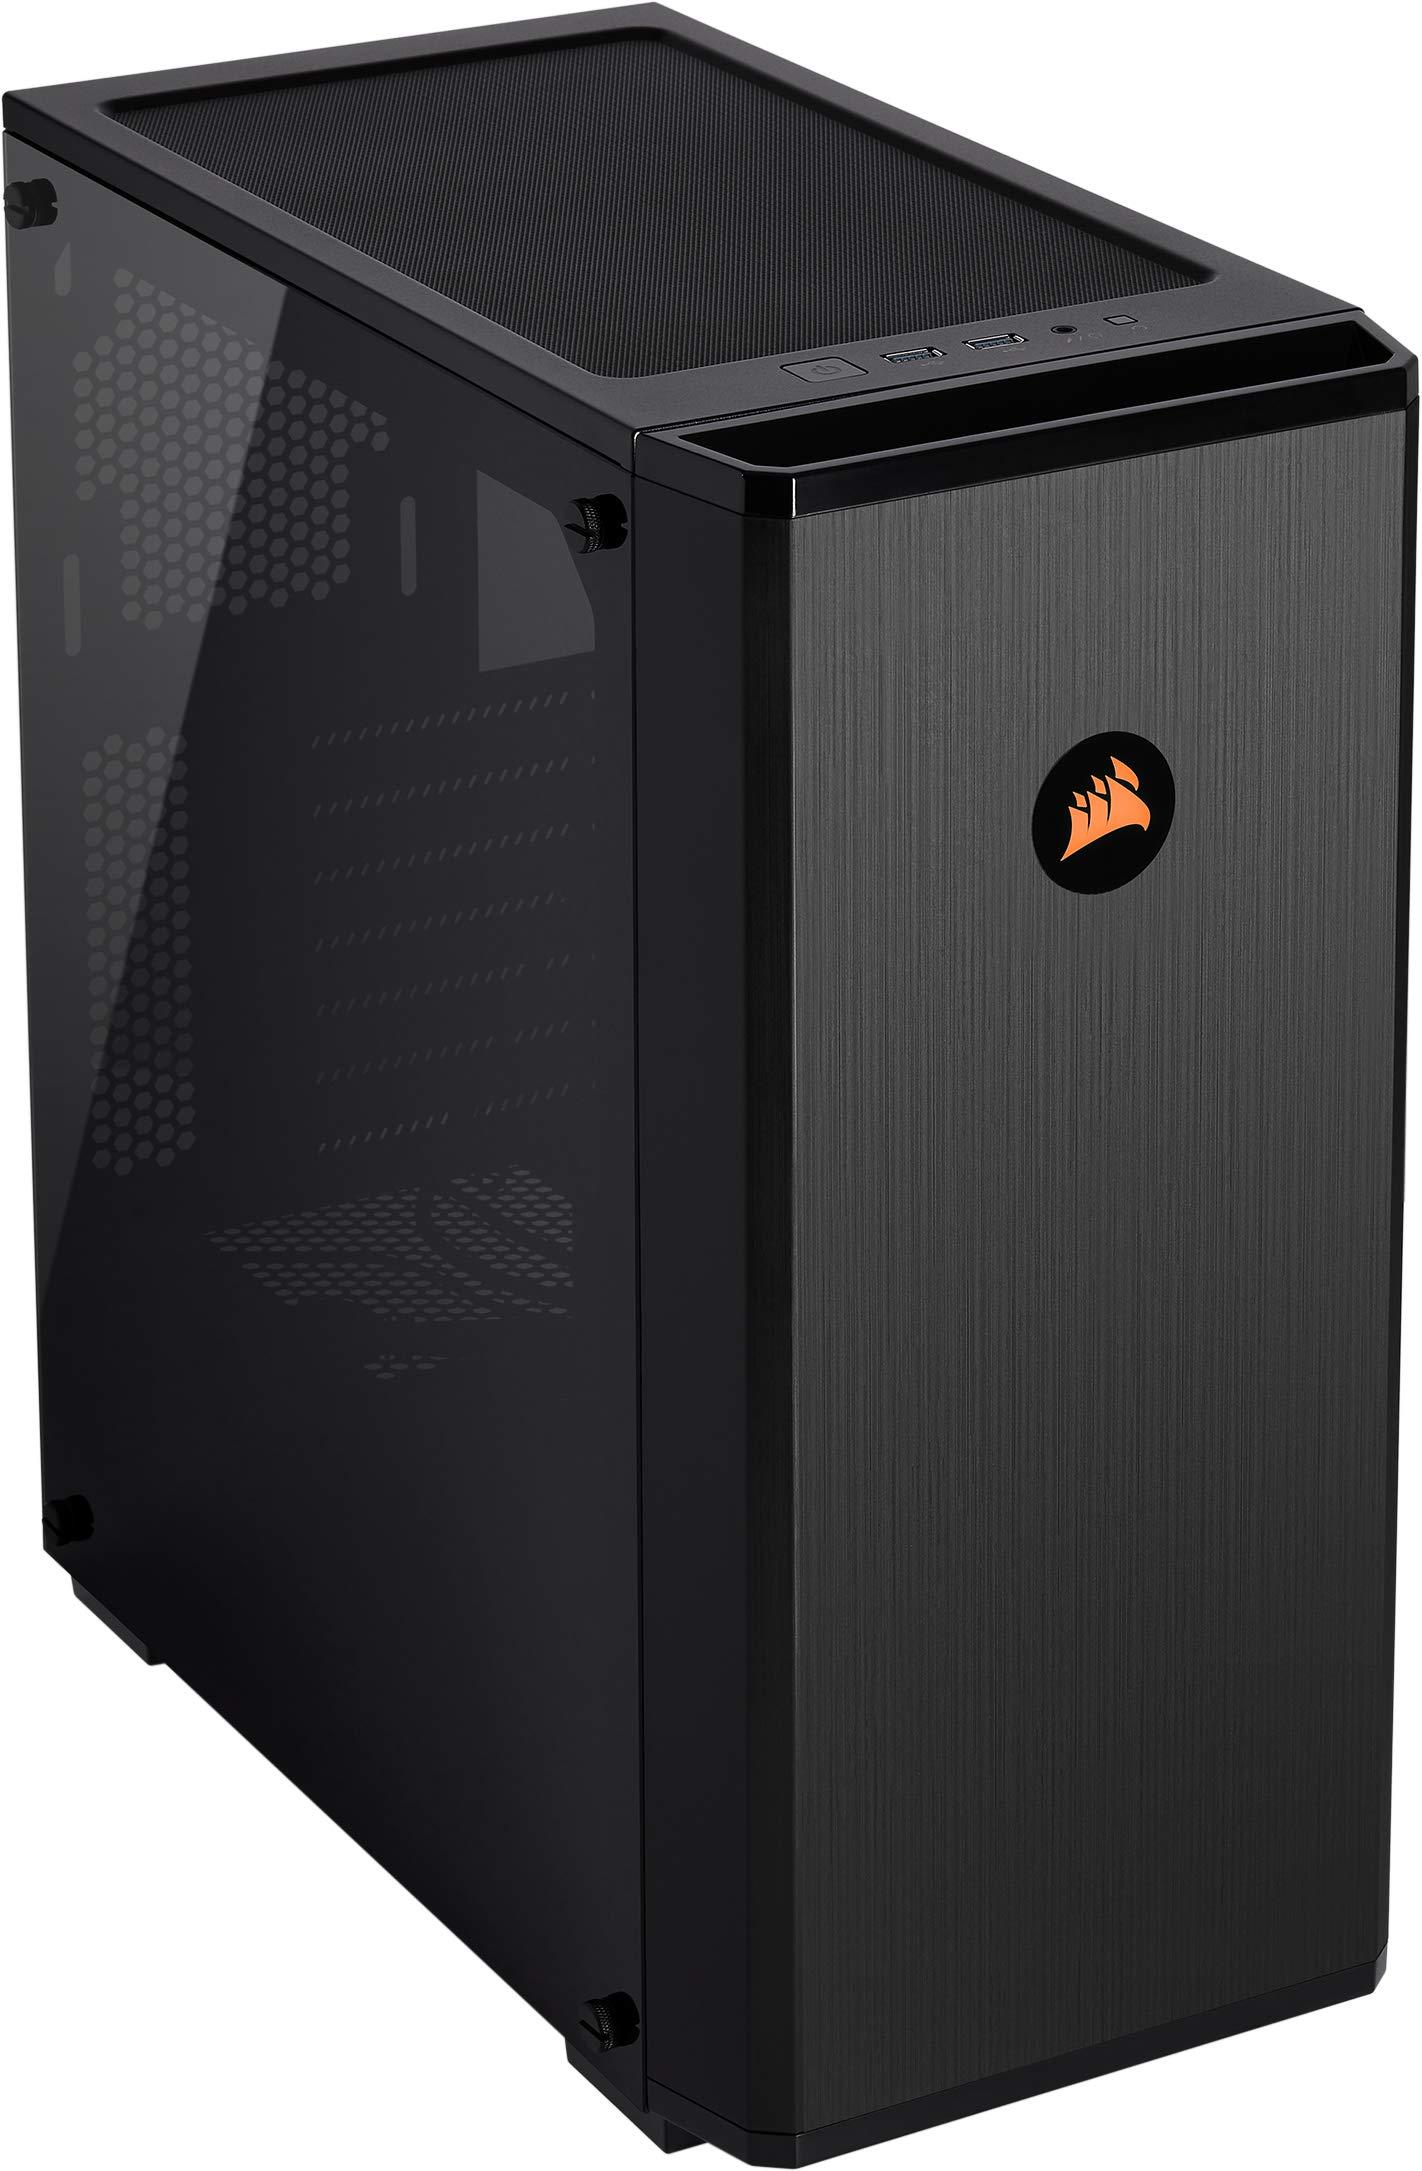 Corsair Carbide Series 175R RGB - Caja de Ordenador para Juegos (Medio-Torre ATX con Ventana de Vidrio Templado) Color Negro: Amazon.es: Informática